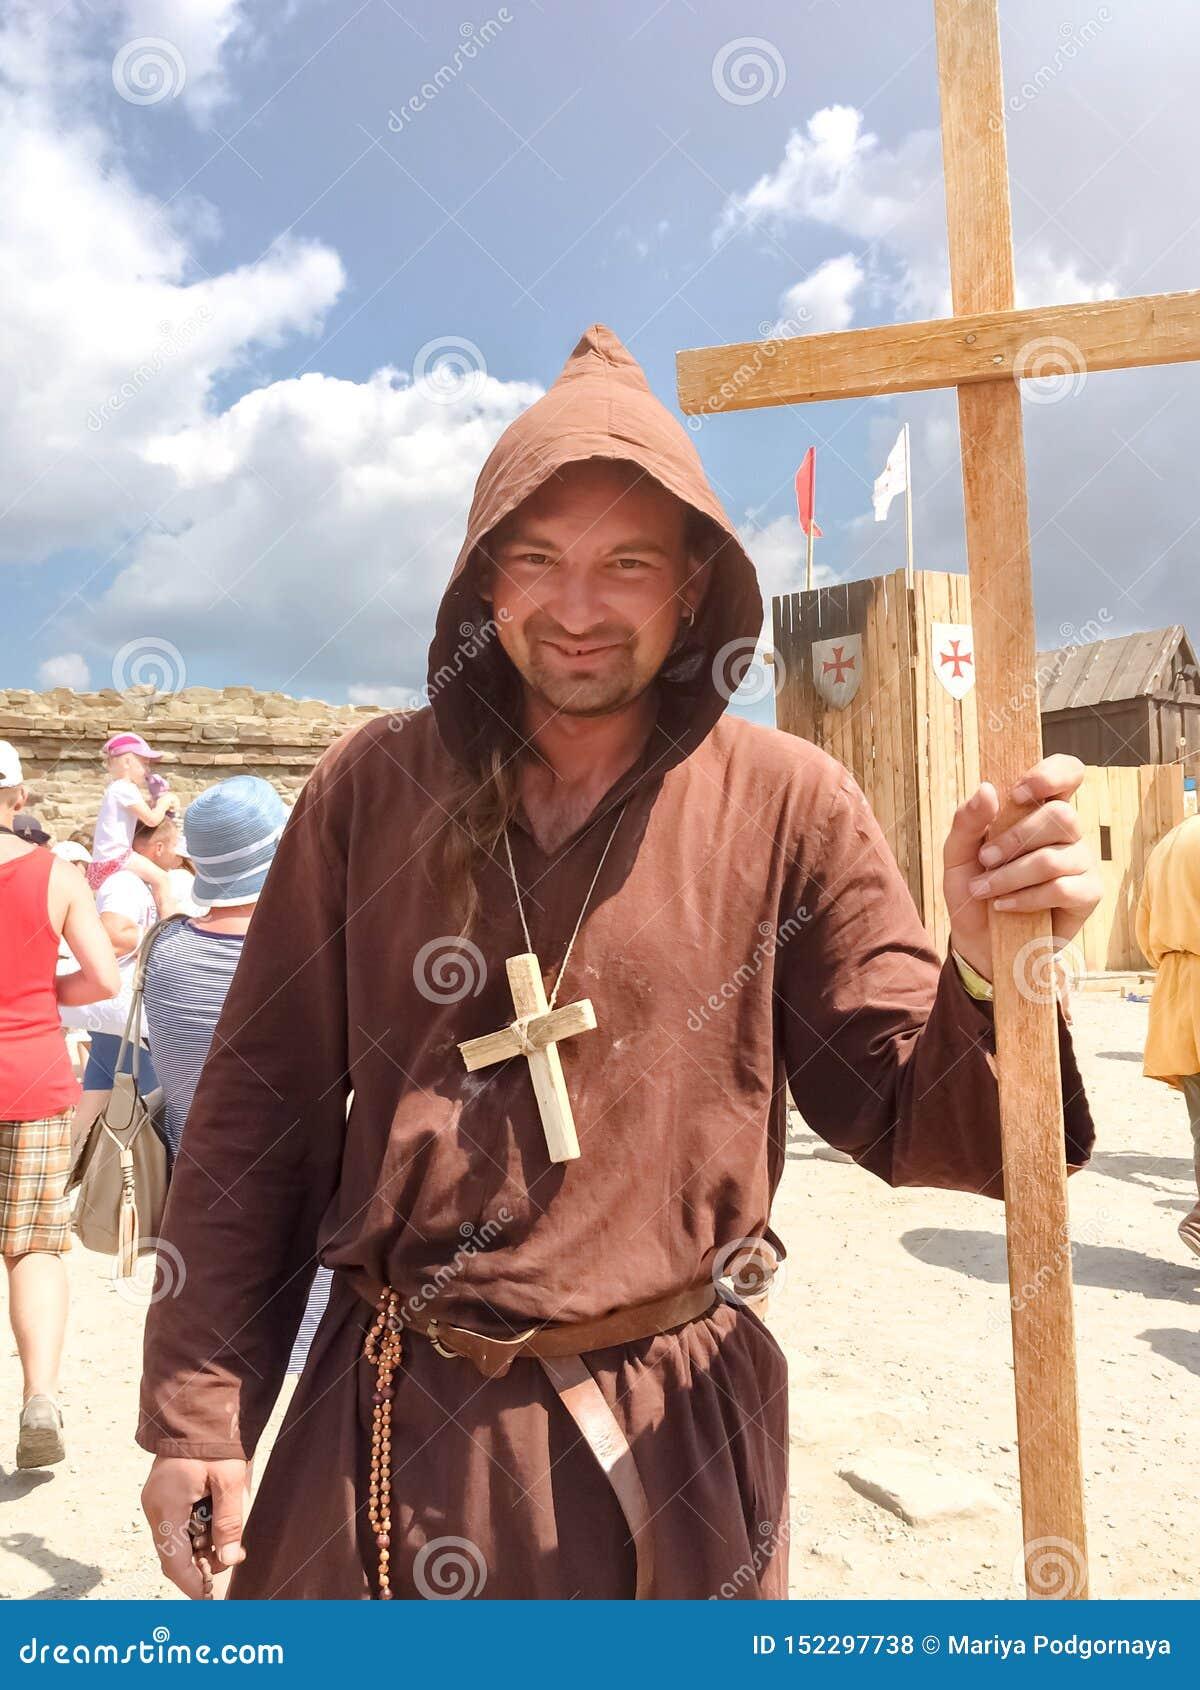 Sudak, Russland - 16. August 2015: Mann gekleidet als mittelalterlicher Priester, Mönch mit einem hölzernen Kreuz mit einem Perso